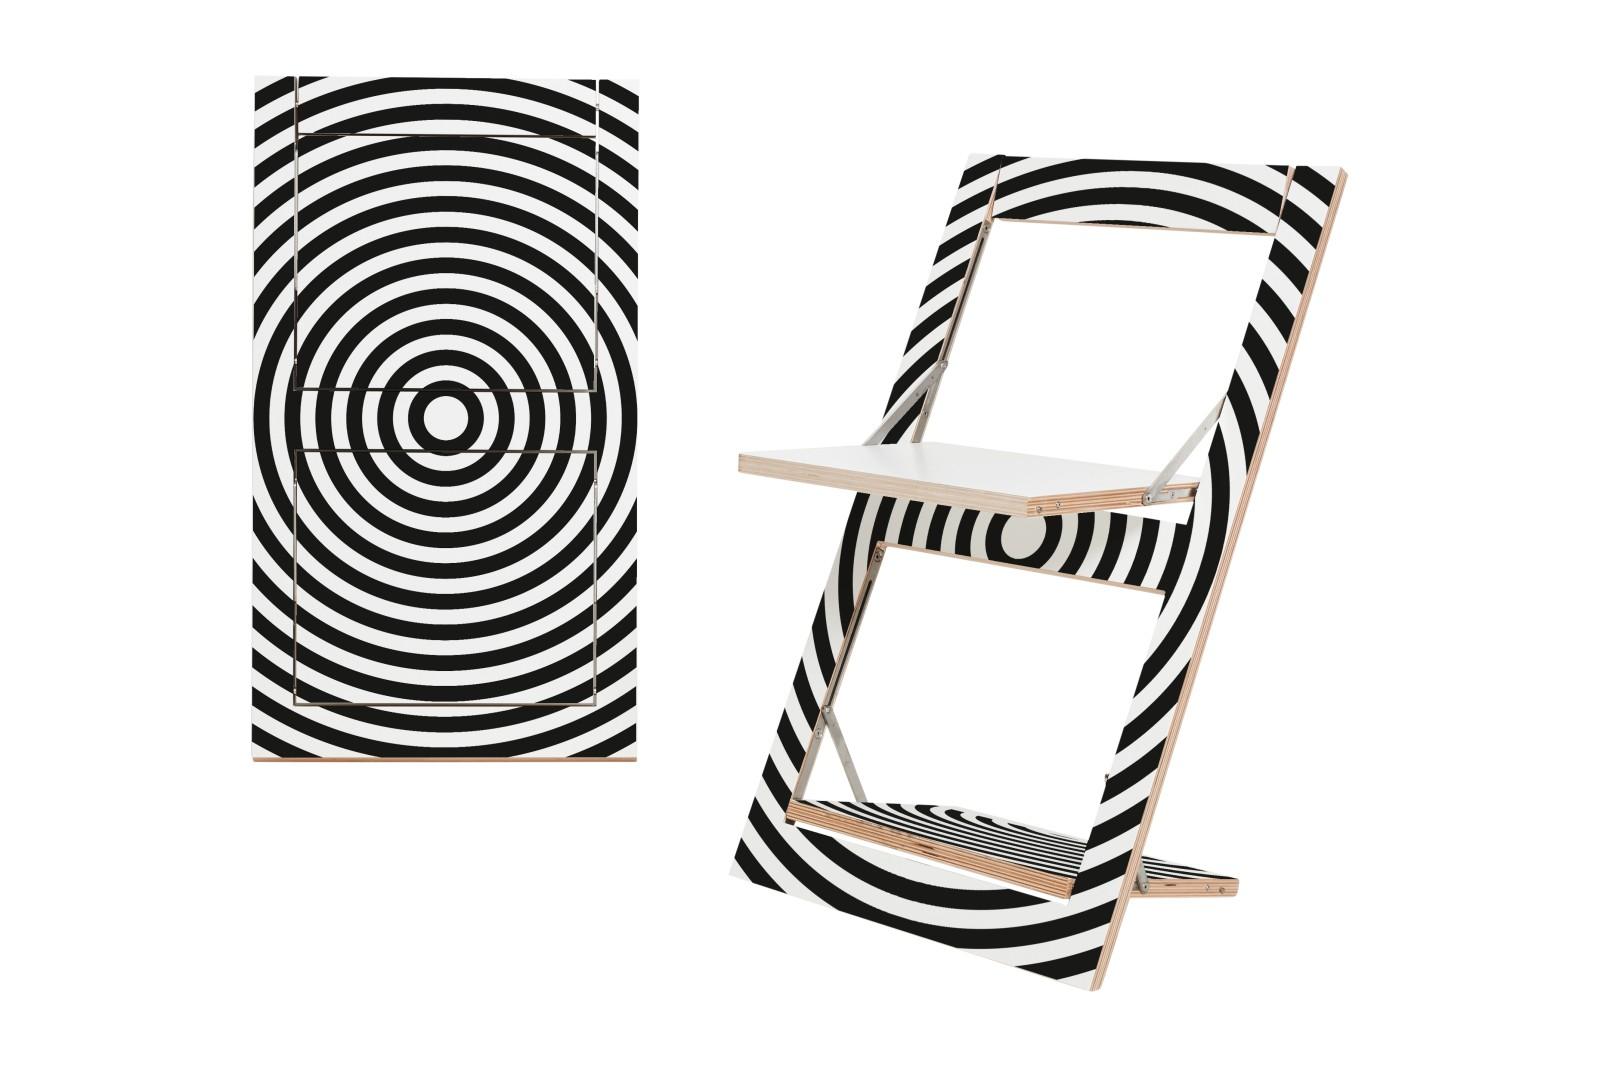 Fläpps Folding Chair Con Circle